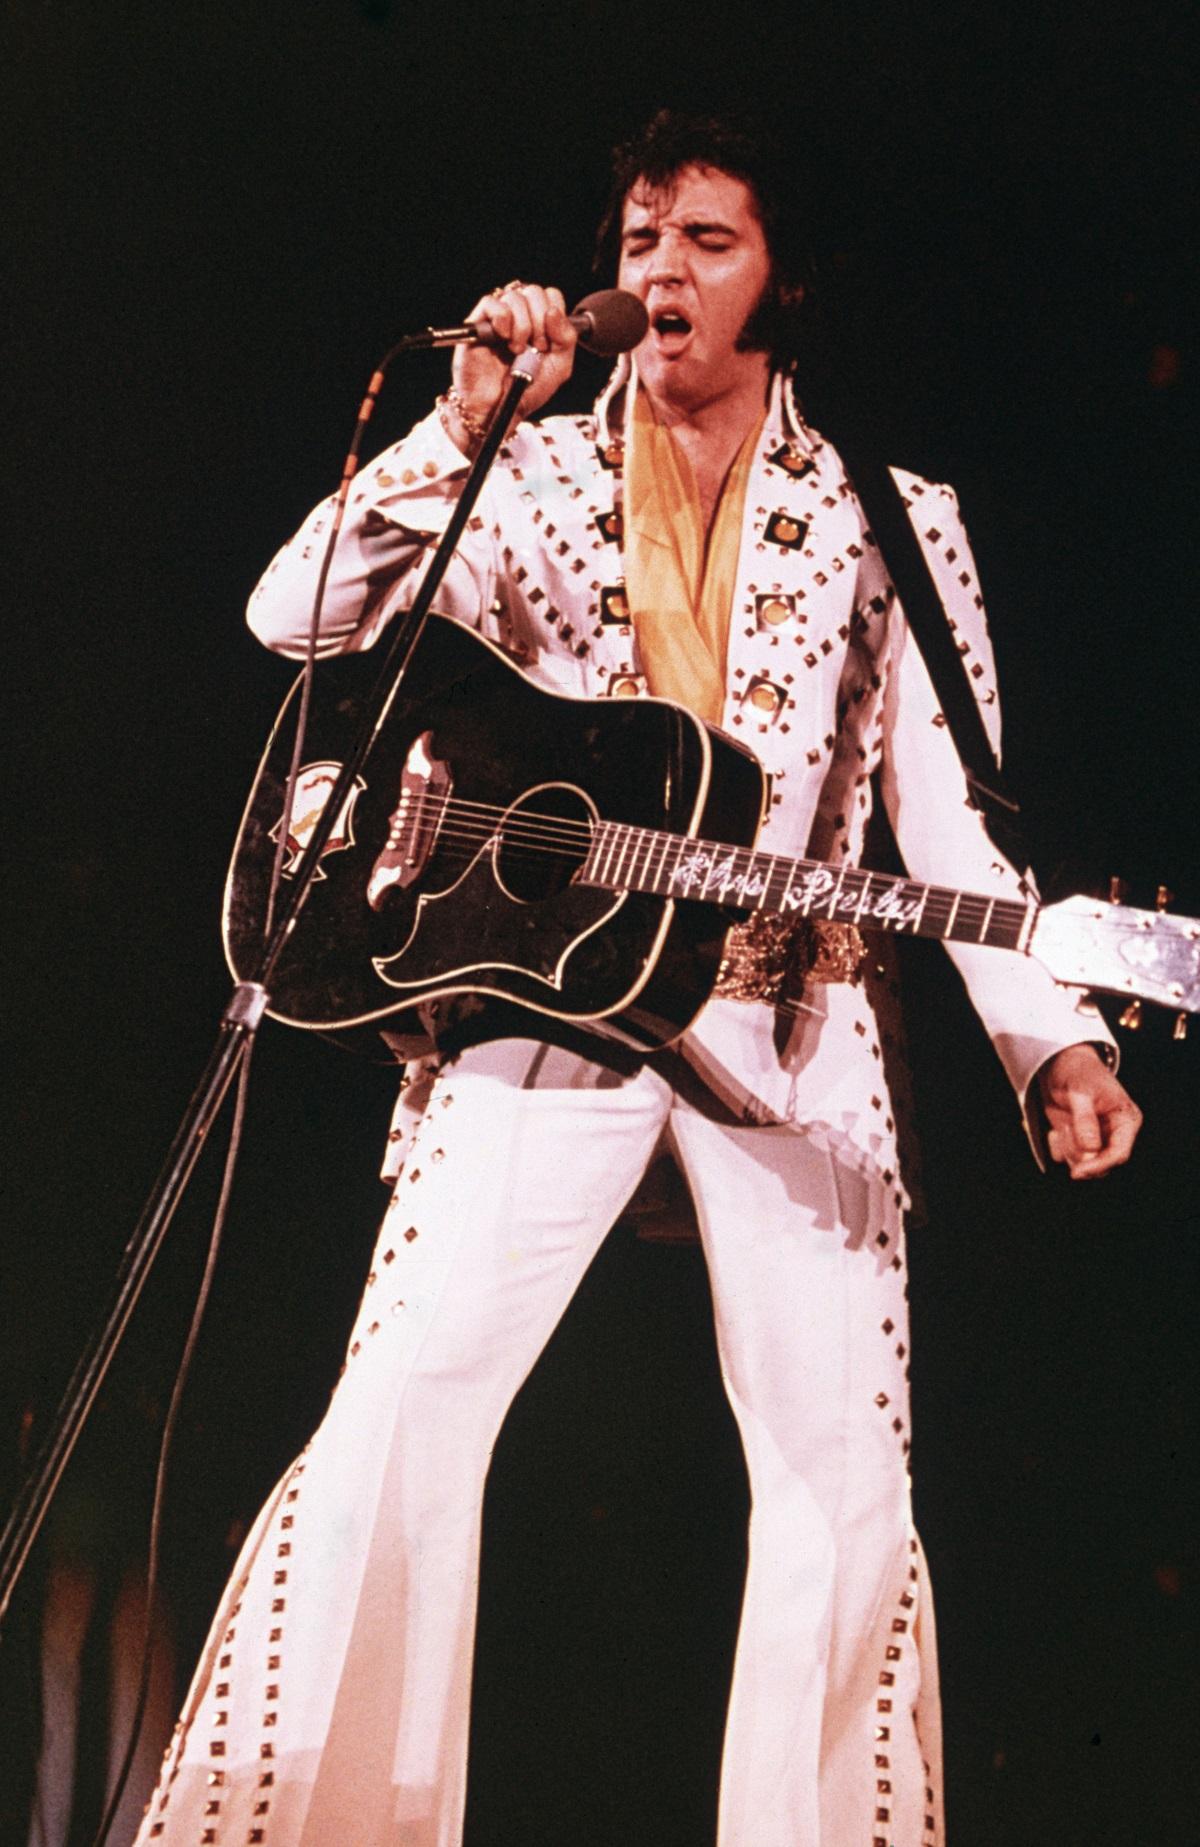 Elvis Presley performing in 1975